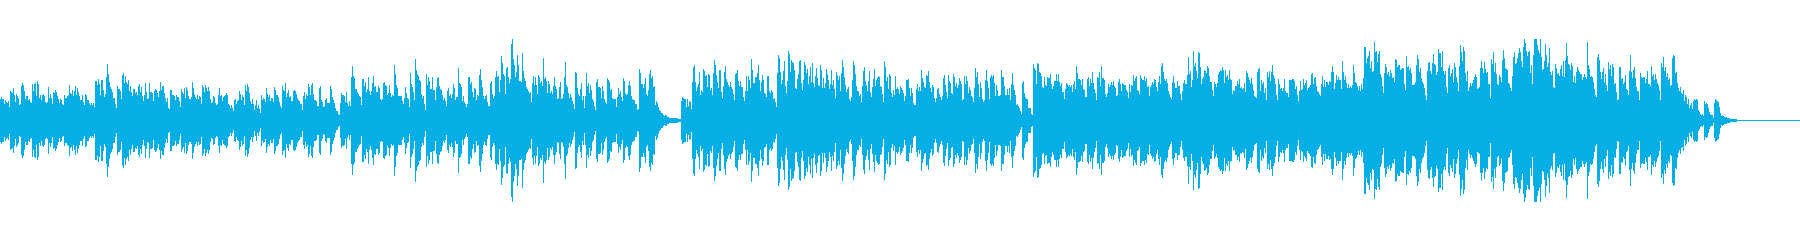 夏の切なさをイメージしたBGMの再生済みの波形